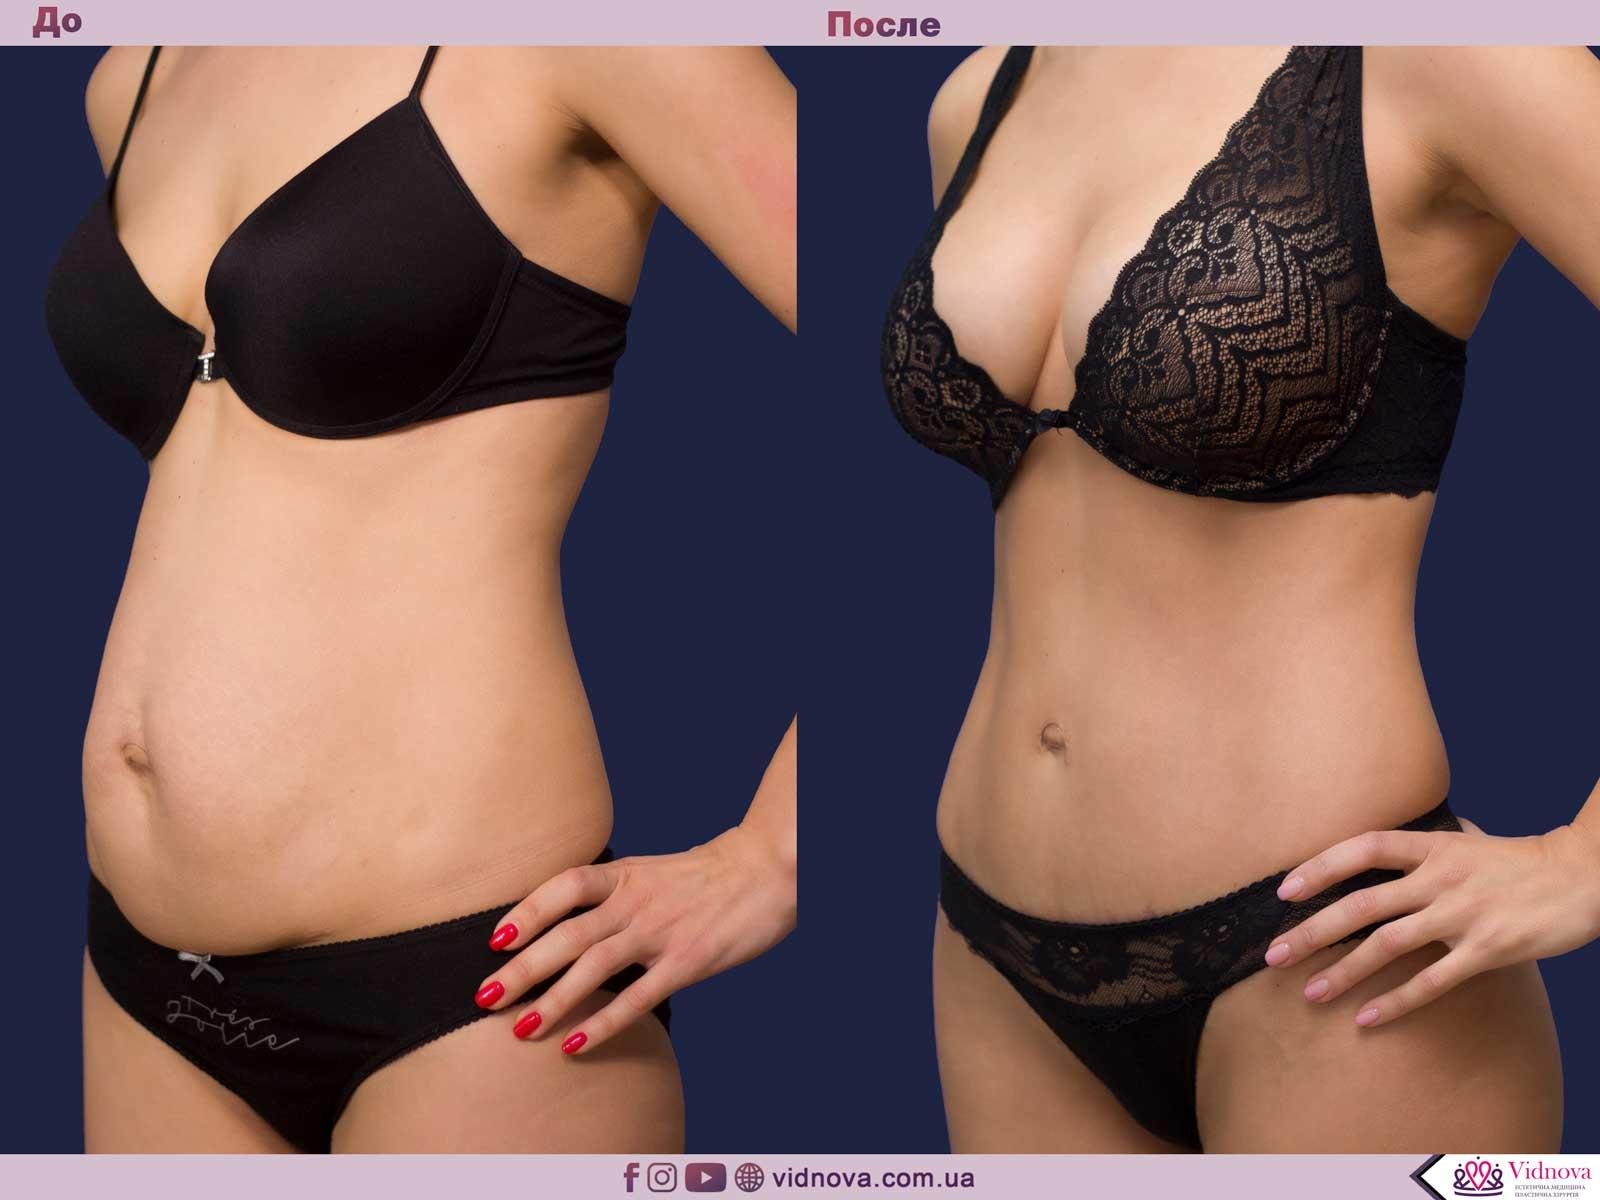 Совмещенные операции: Фото До и После - Пример №10-3 - Клиника Vidnova